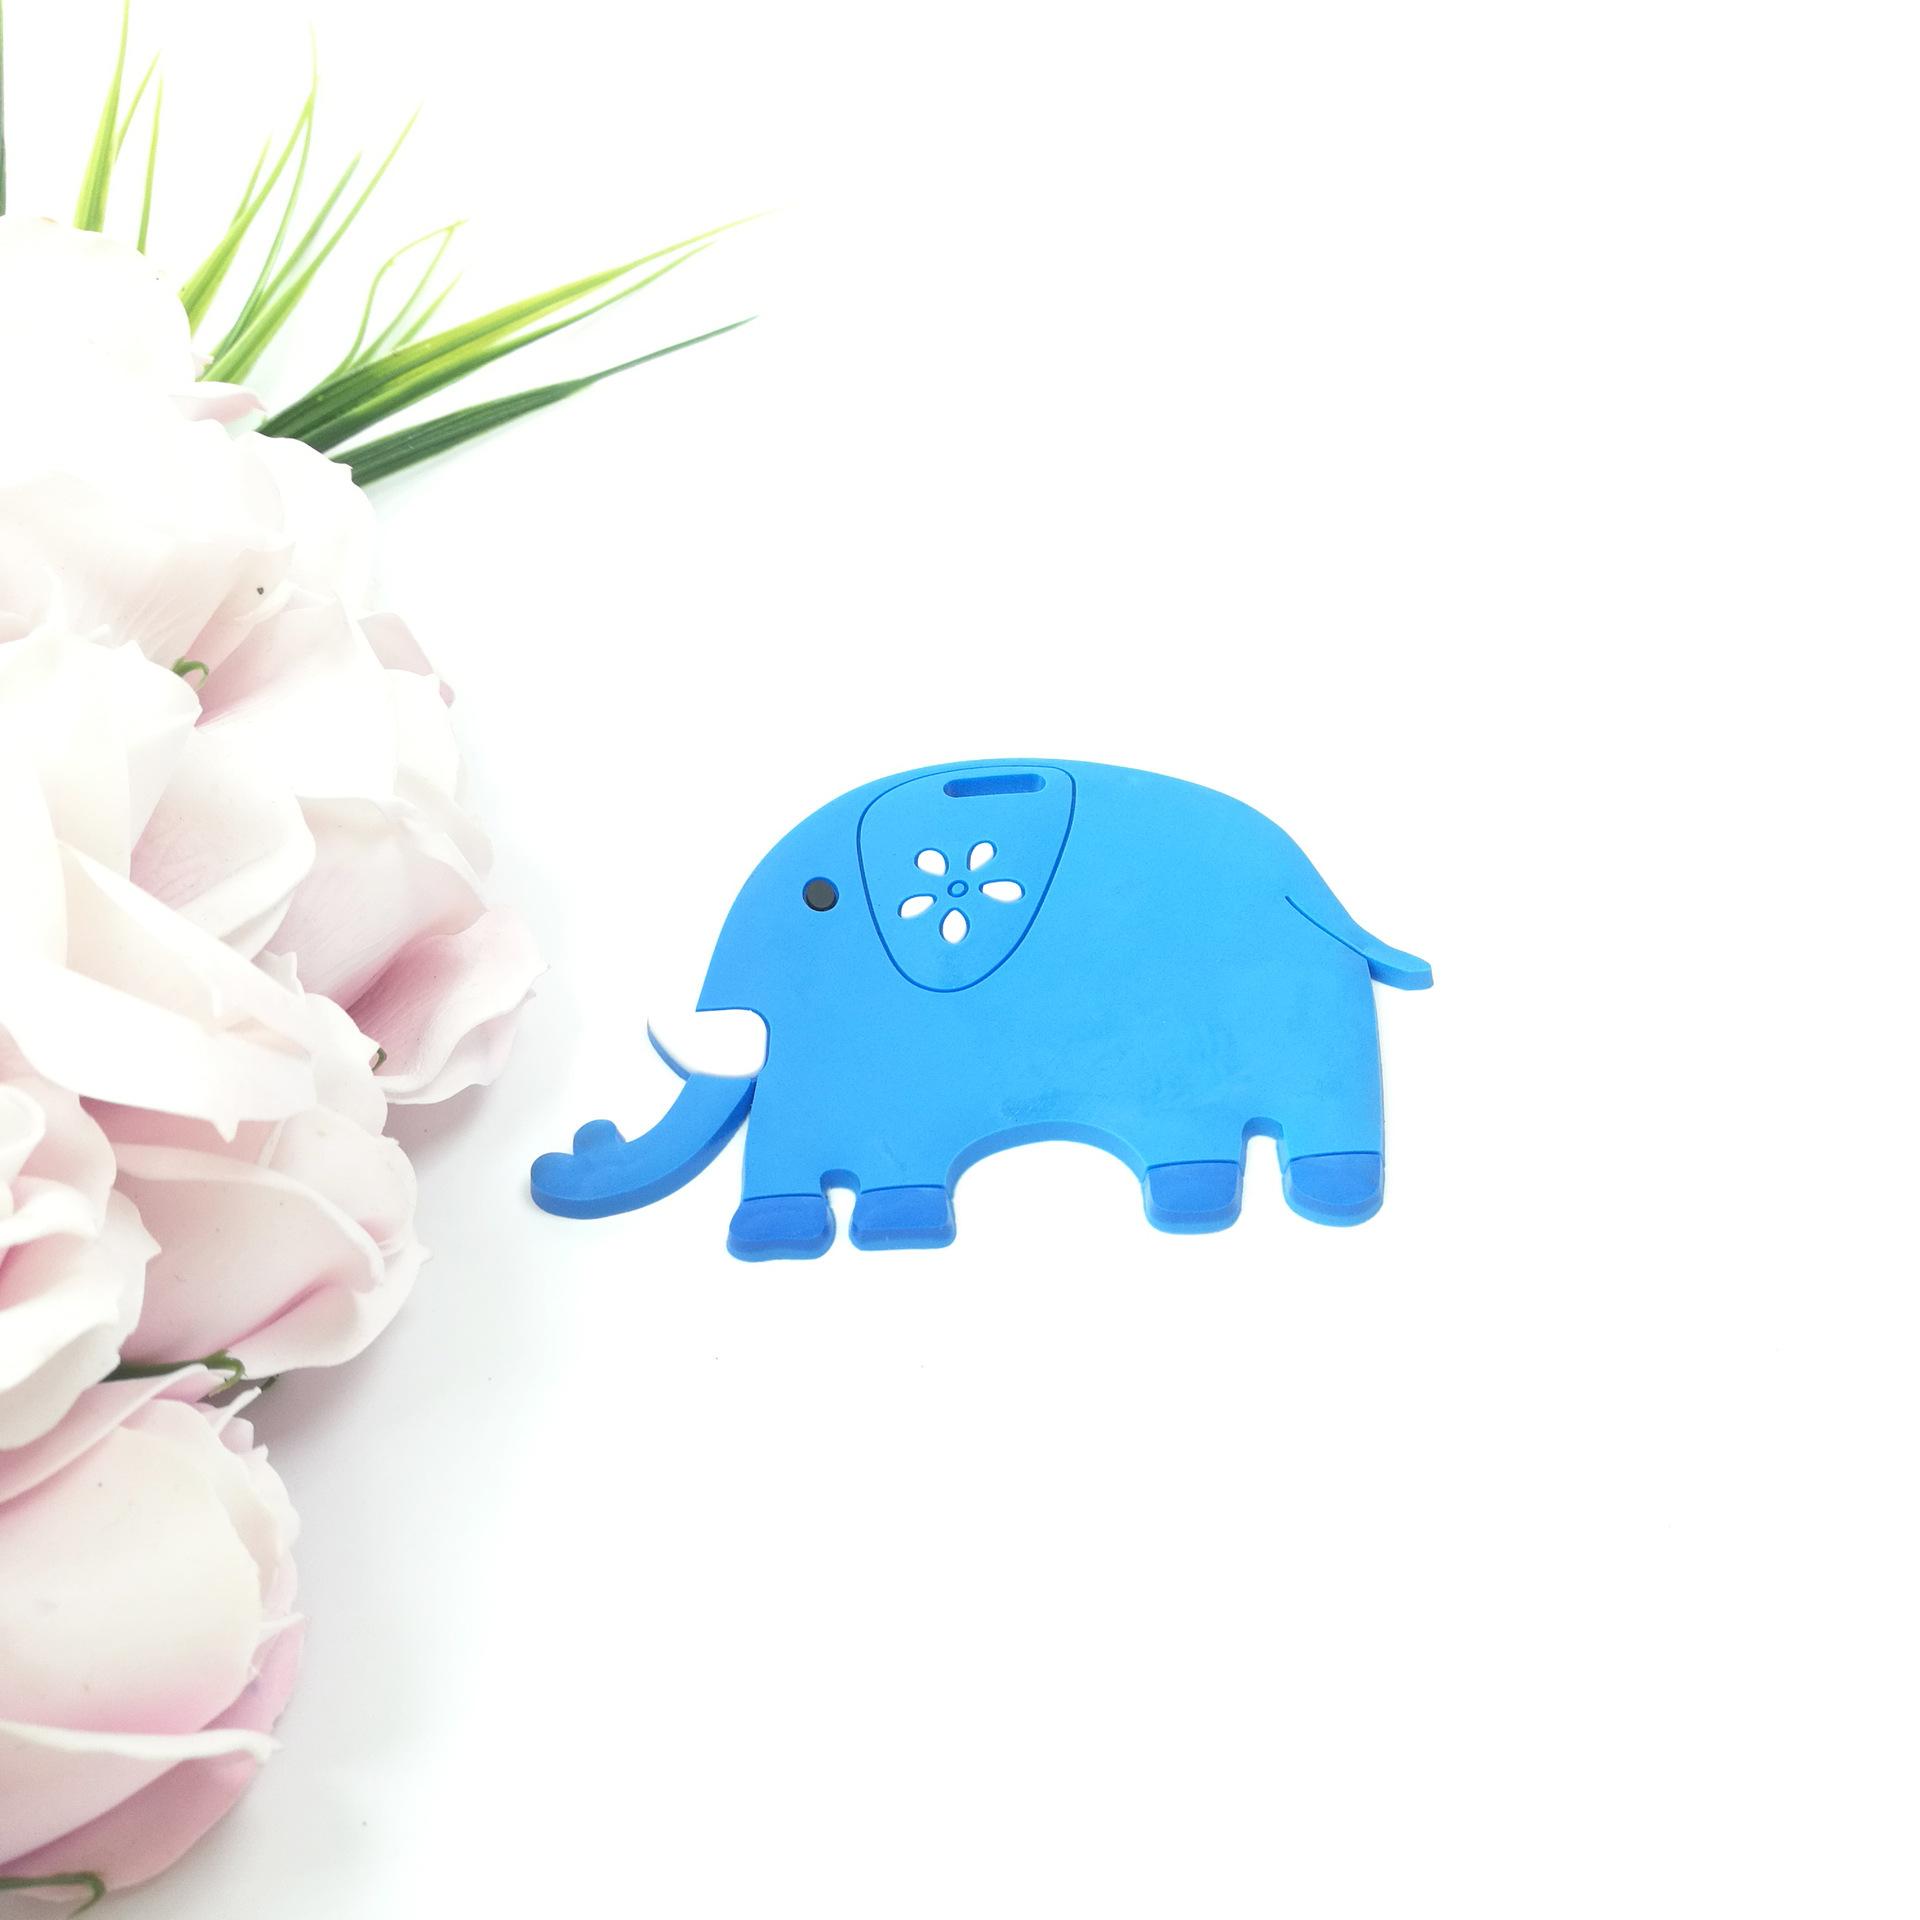 pvc软胶小动物服装皮标 小熊小象猴子卡通服装装饰标牌 厂家定做